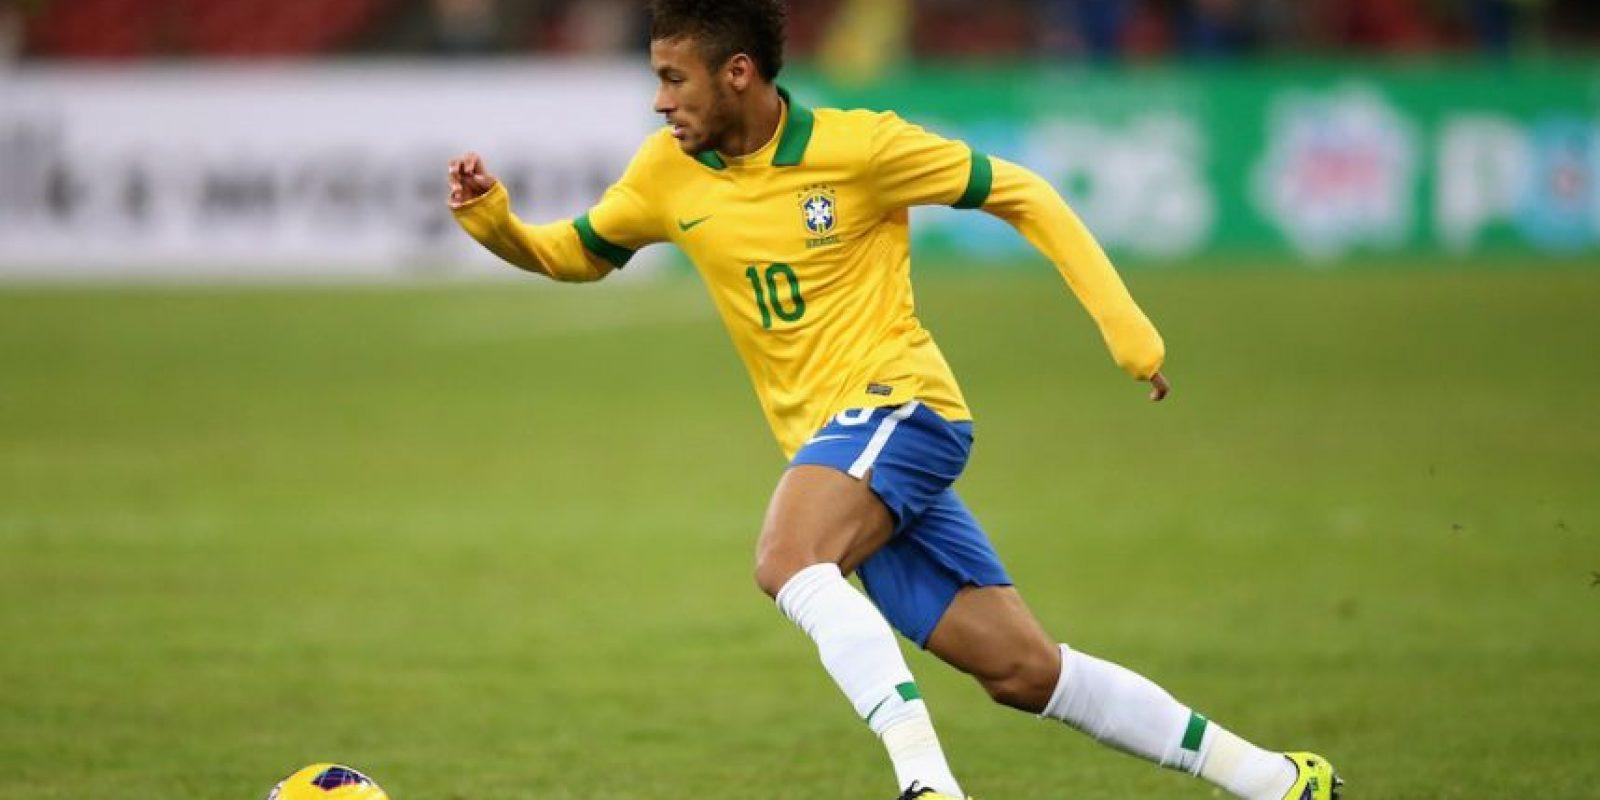 Neymar es la máxima estrella de la Selección brasileña. Foto:Getty Images